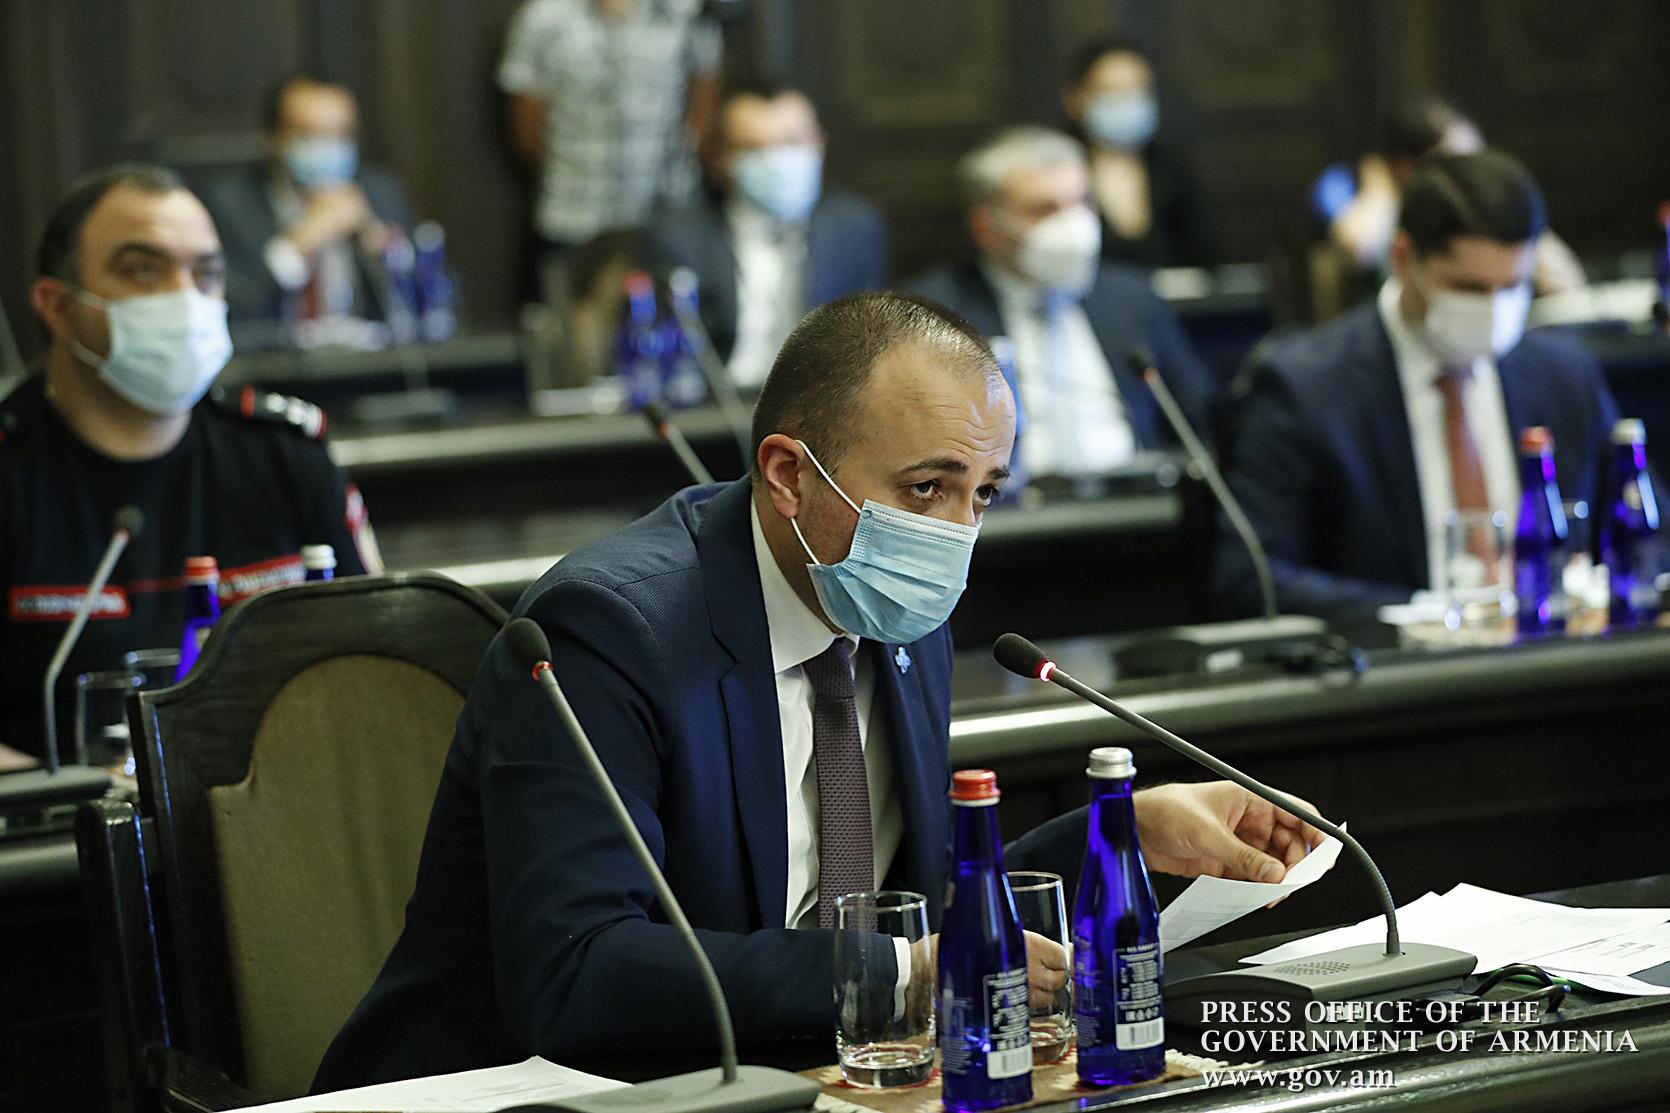 коронавирус, вакцина, министр здравоохранения, Арсен Торосян, премьер-министр, Никол Пашинян, Модерна, Нубар Афеян,